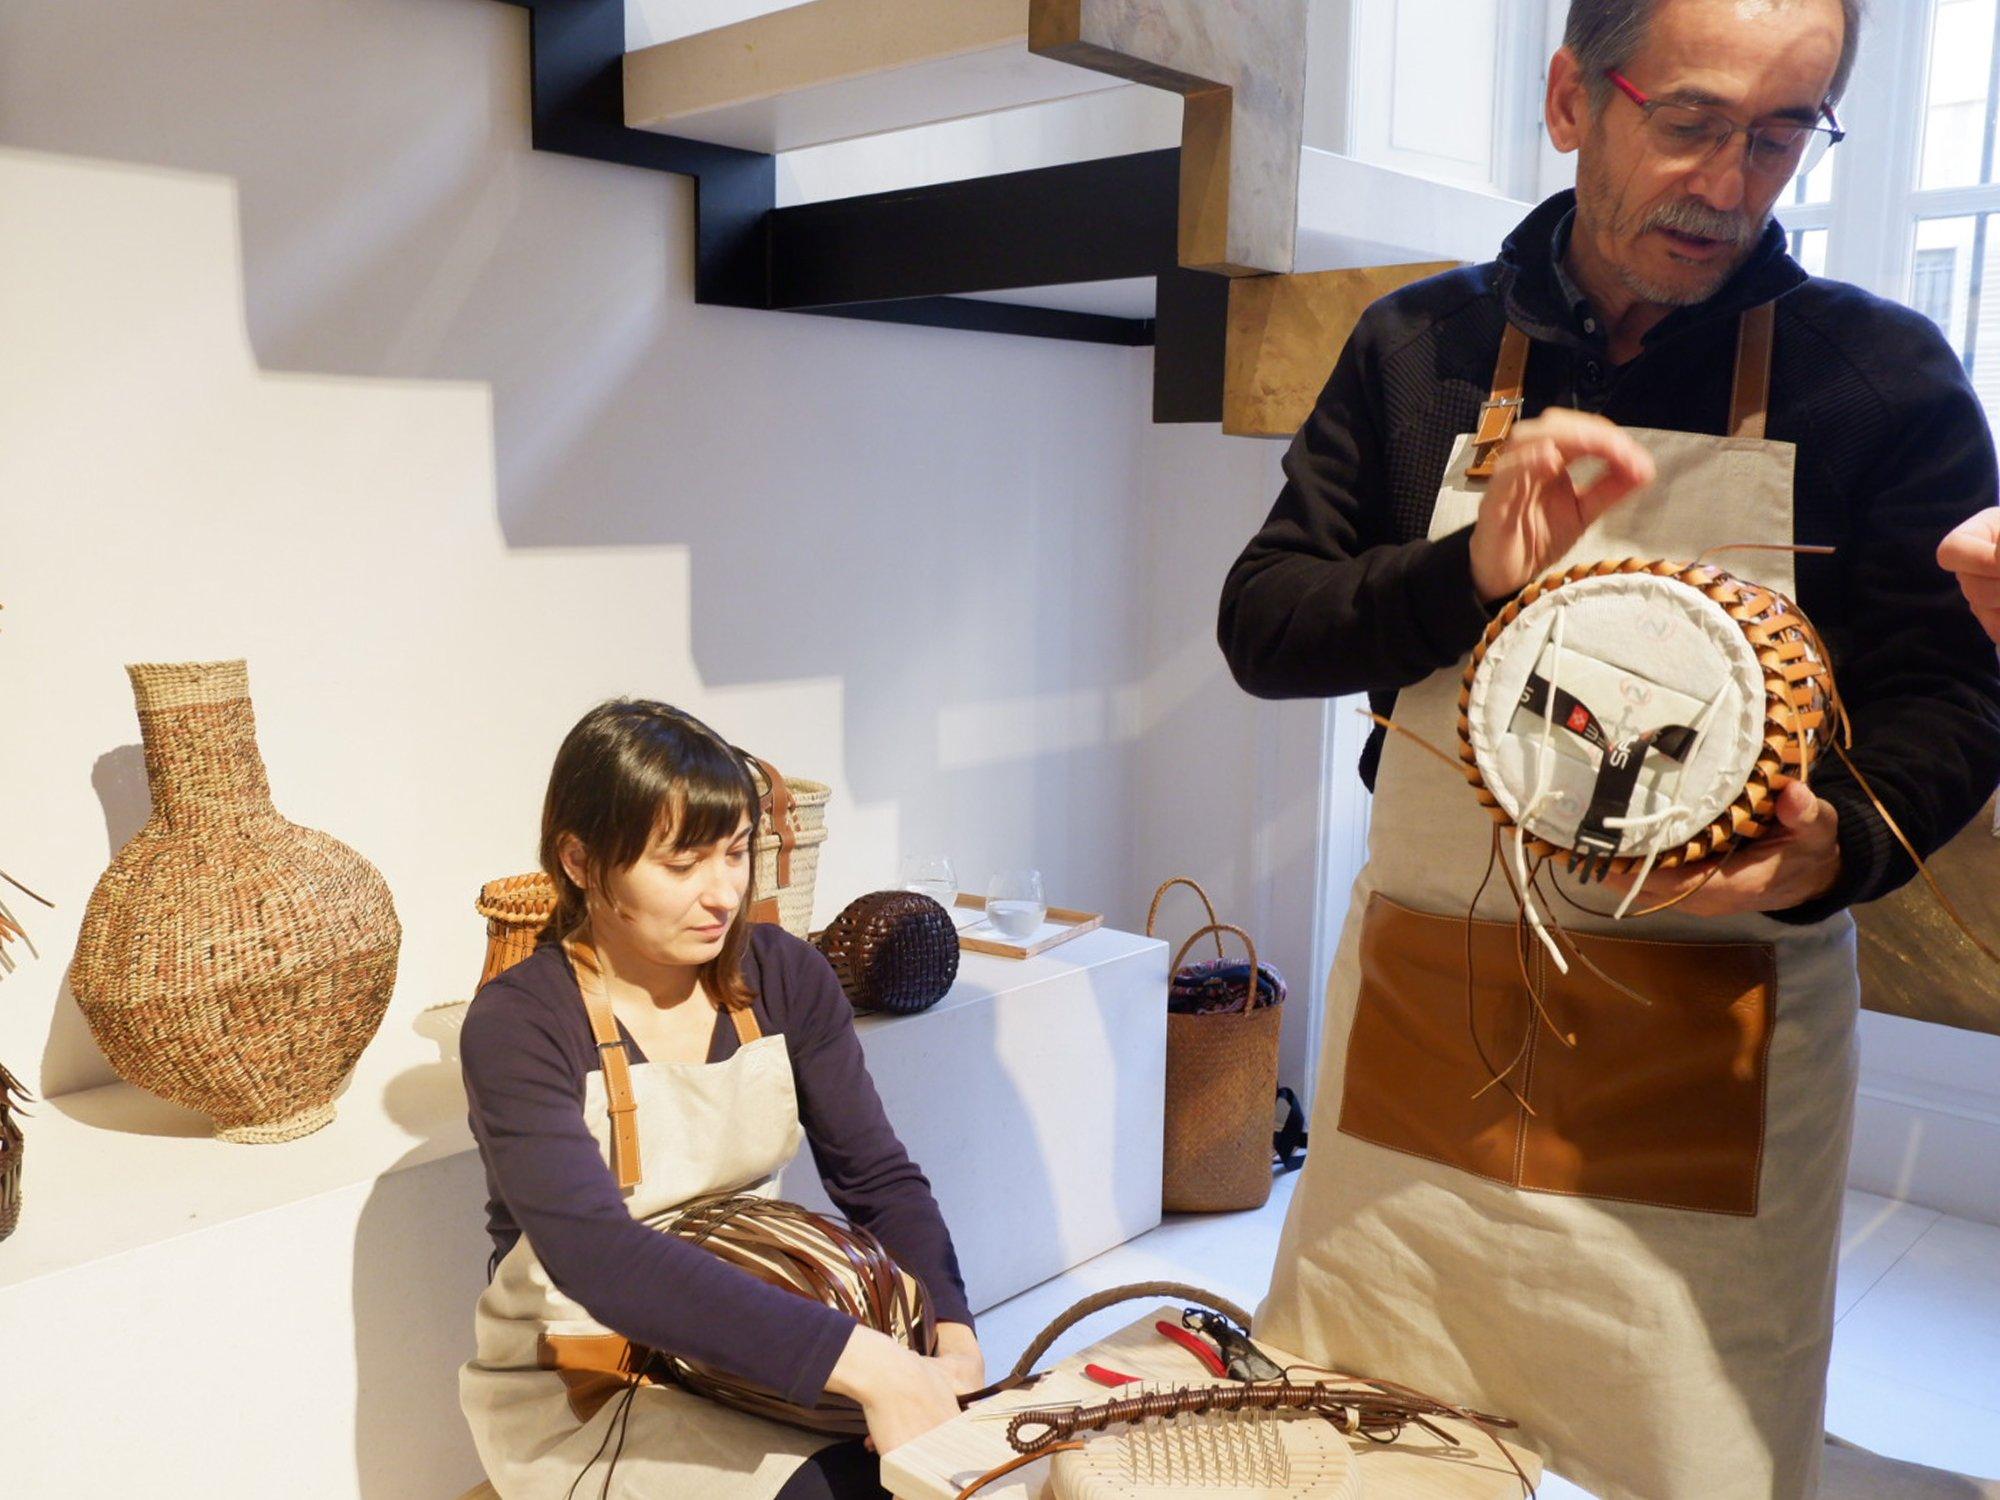 loewe Fuorisalone 2019: La rivincita dell'artigianato